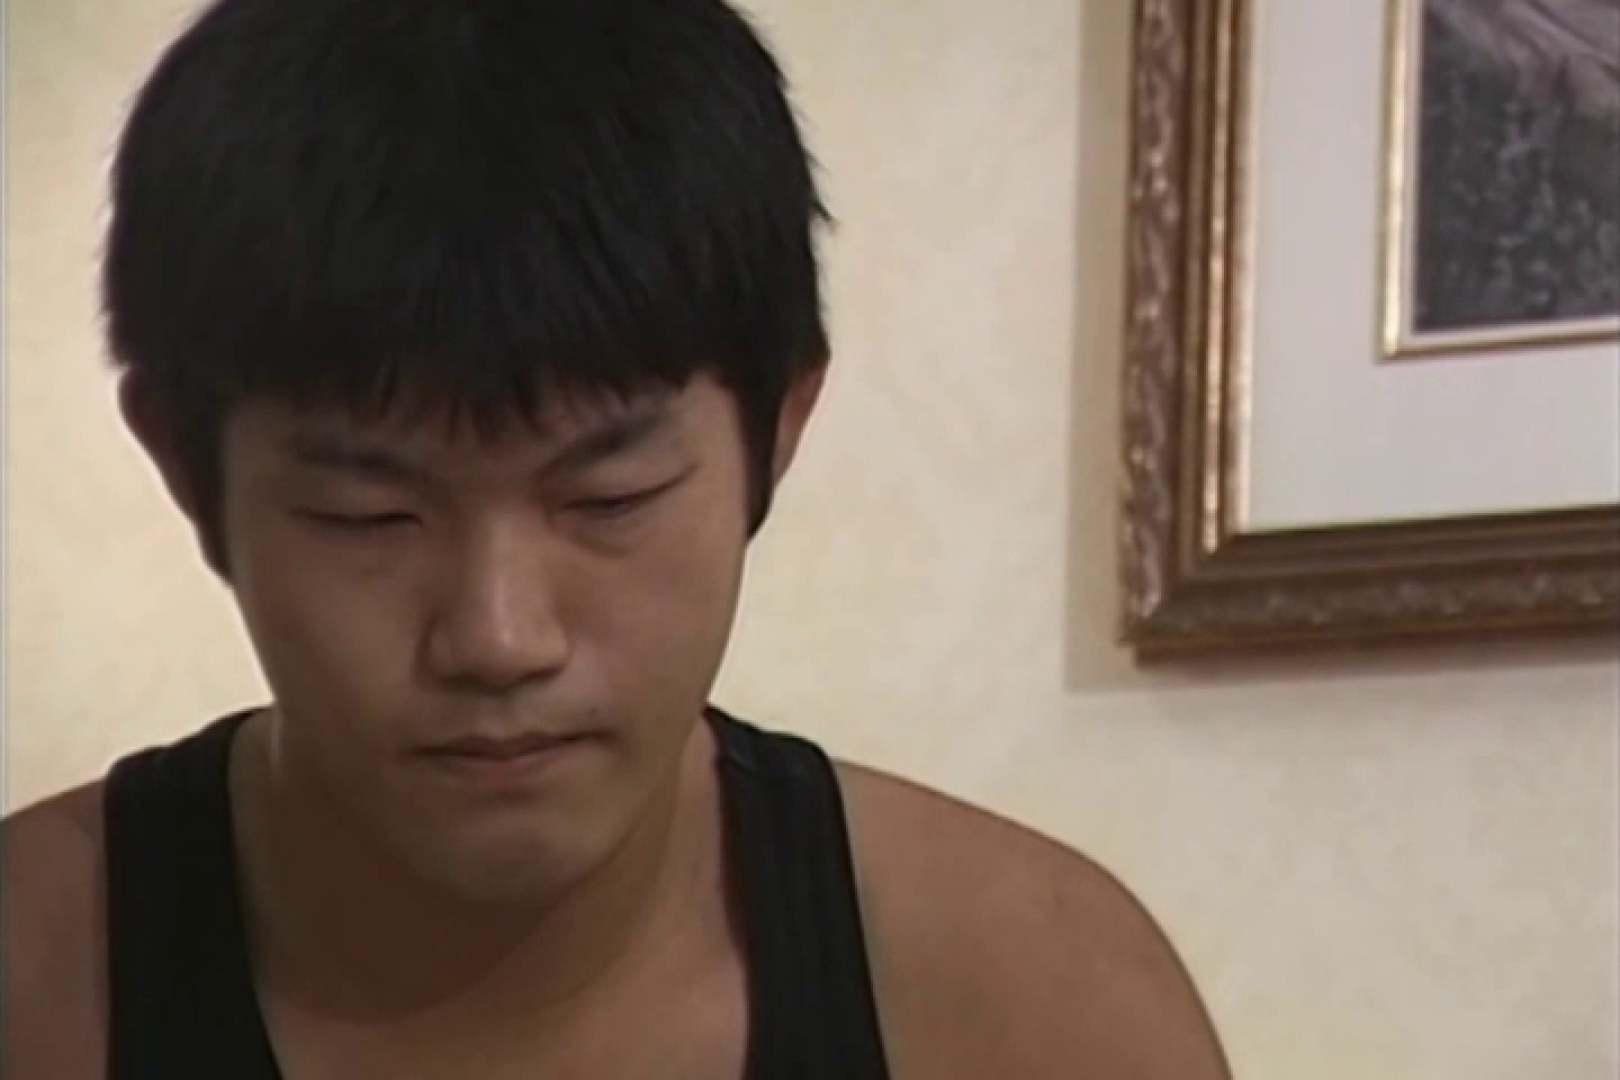 スポメン競パン部、真っ盛り!!Vol.01 エロ ゲイセックス画像 7枚 2